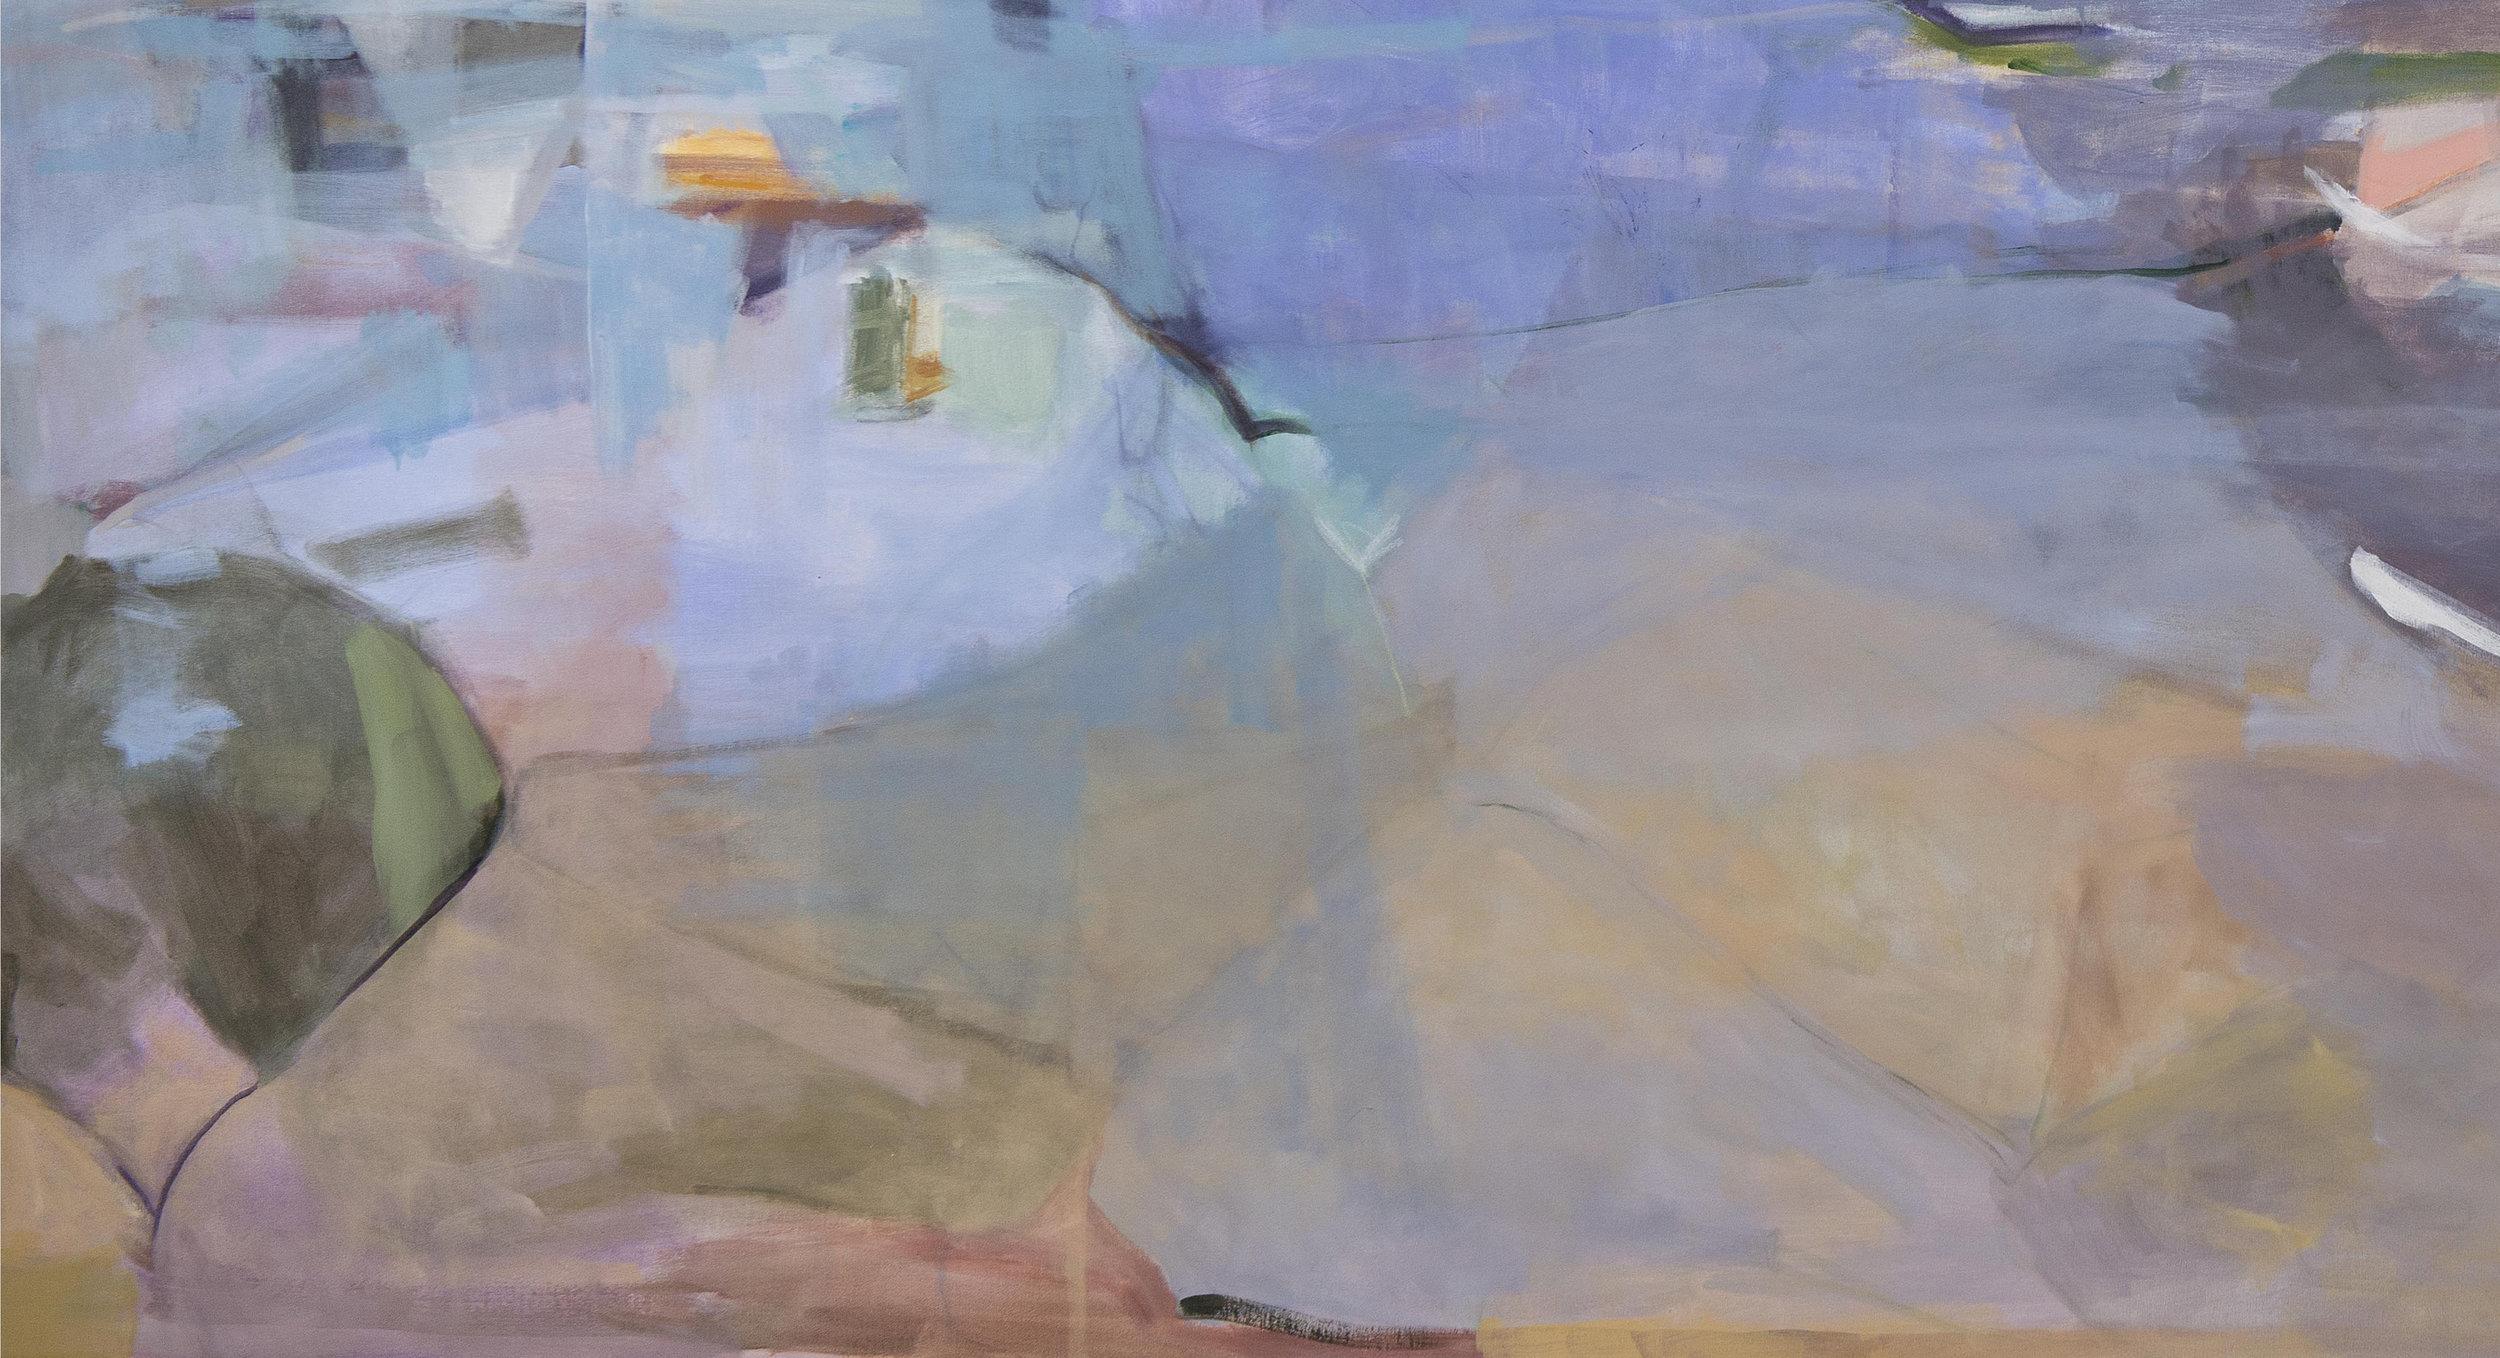 Detail of bottom left half.